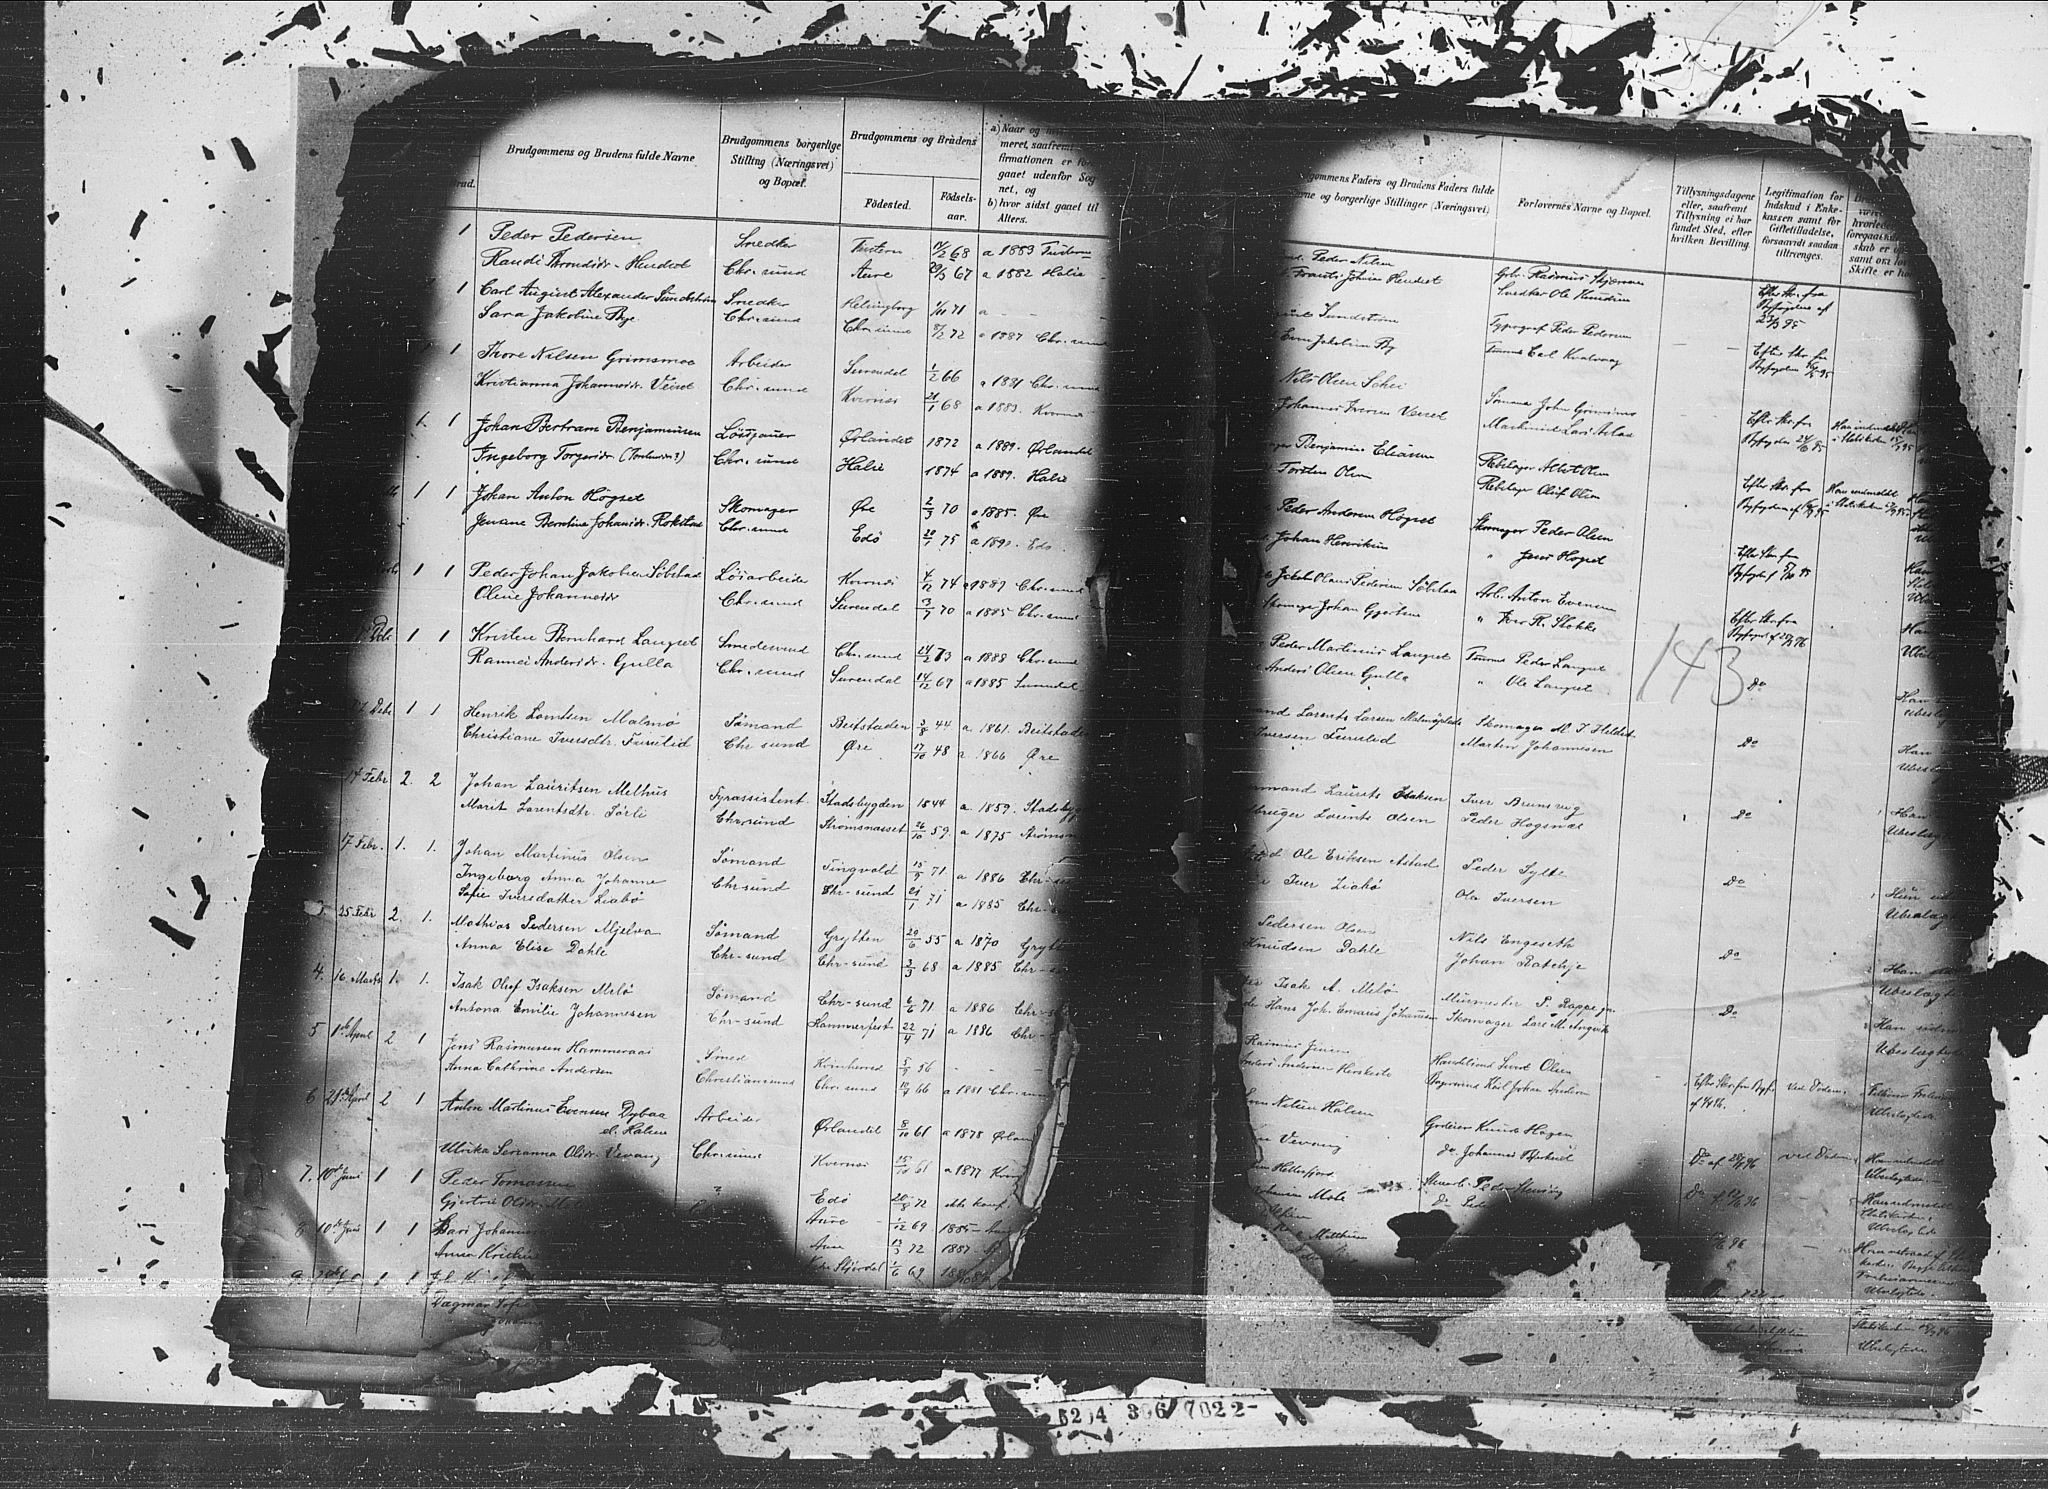 SAT, Ministerialprotokoller, klokkerbøker og fødselsregistre - Møre og Romsdal, 572/L0854: Ministerialbok nr. 572A17, 1880-1905, s. 143